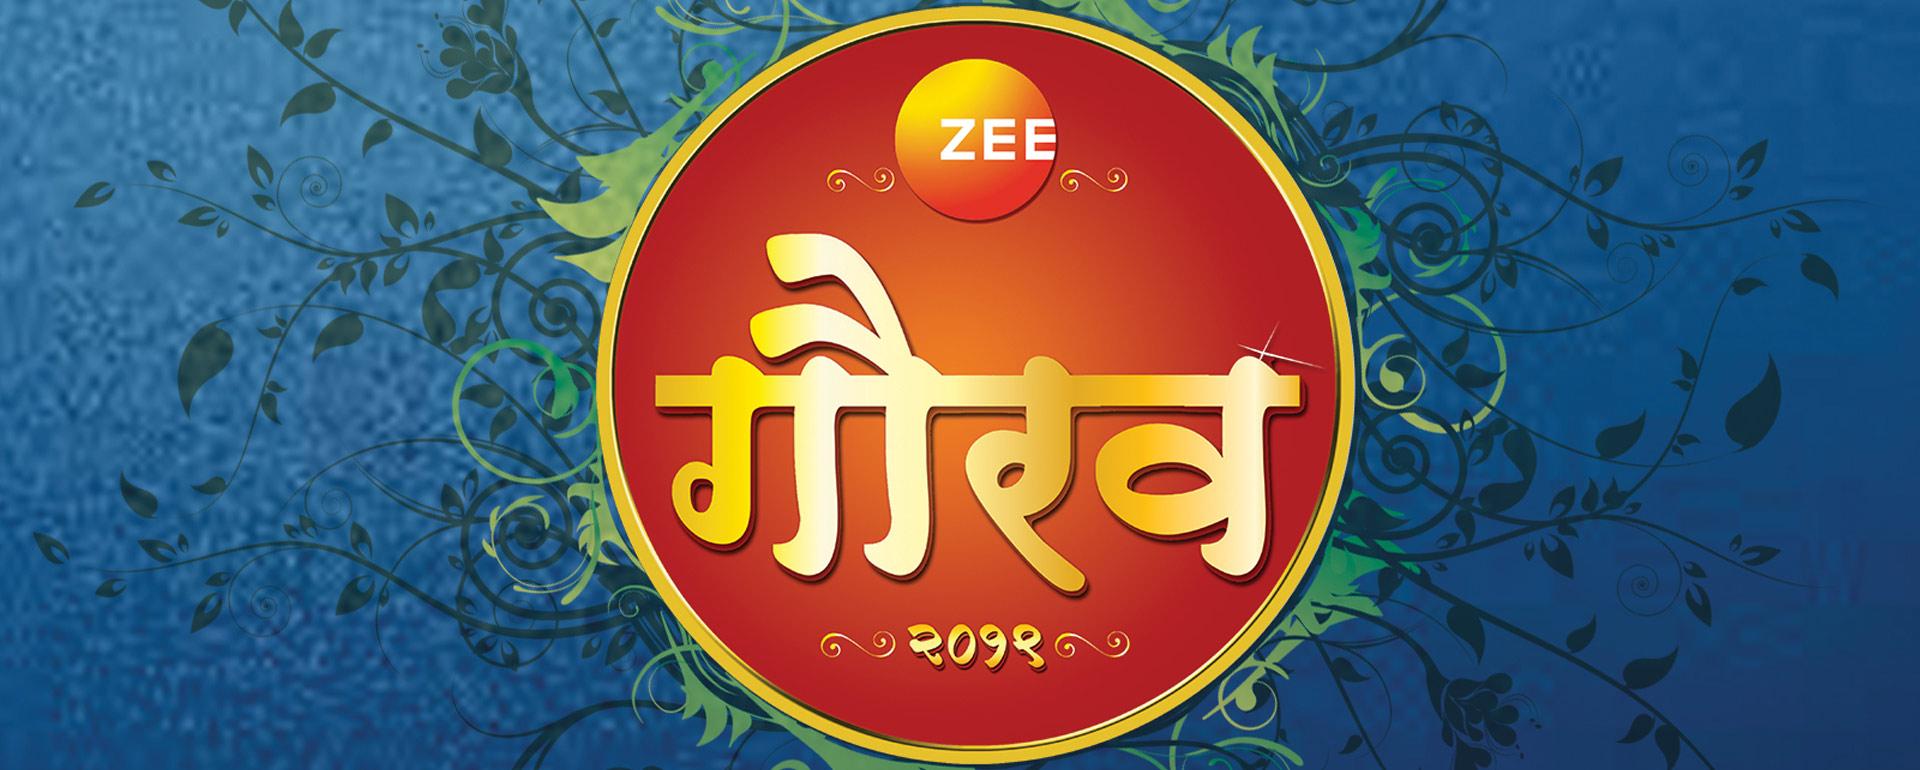 Zee Gaurav Puraskar 2019